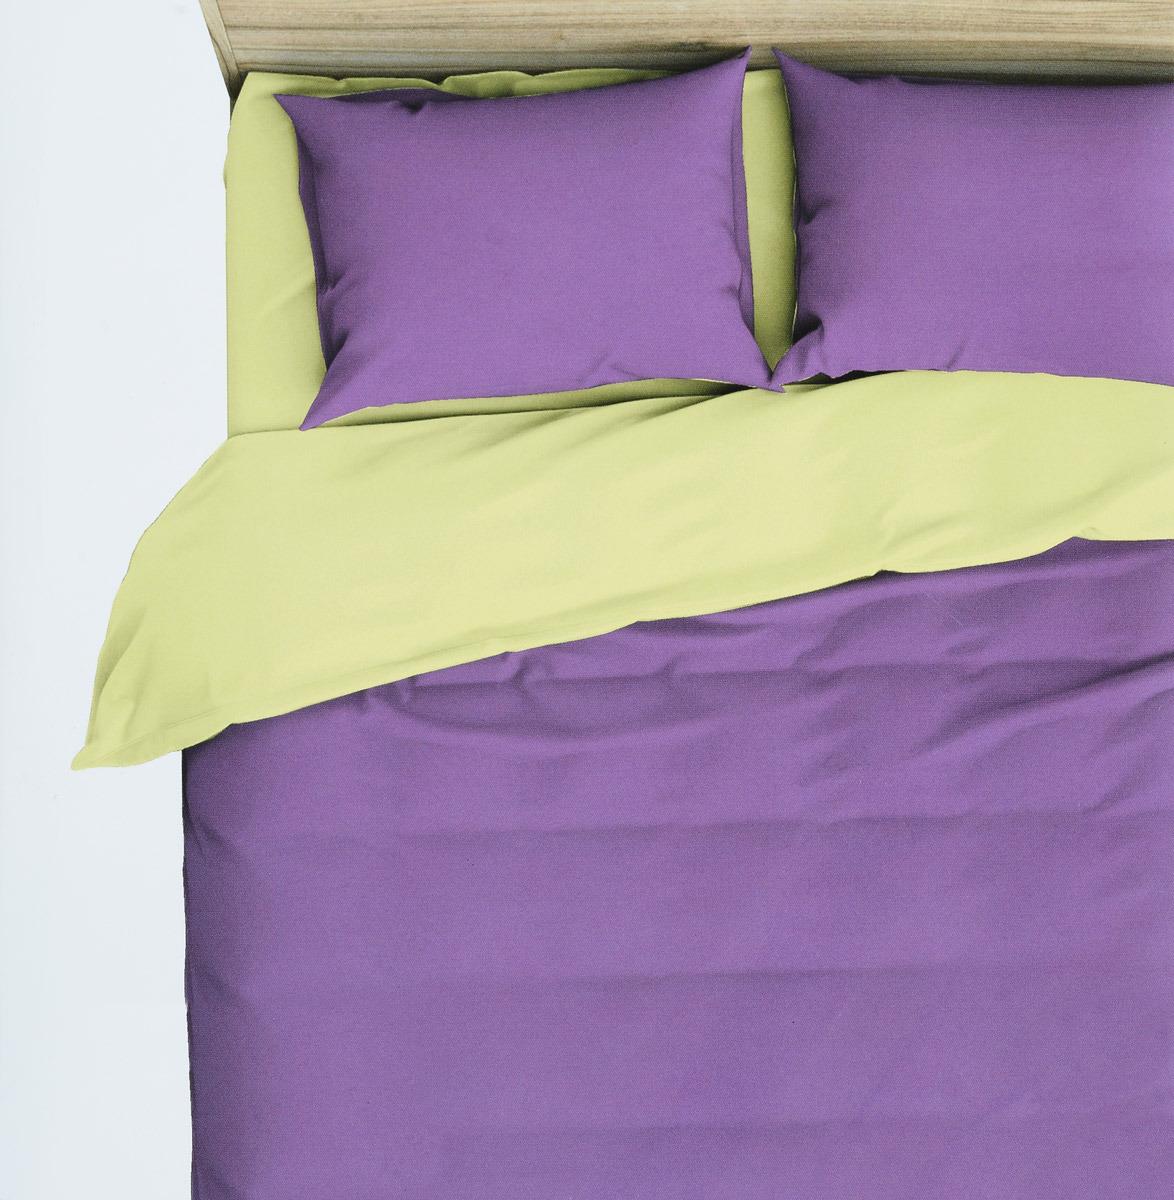 Комплект белья Василиса Виола, 2-спальный, наволочки 70x70, цвет: фиолетовый, желтый. 369/1 комплект белья василиса тауэрский мост 2 спальный наволочки 70х70